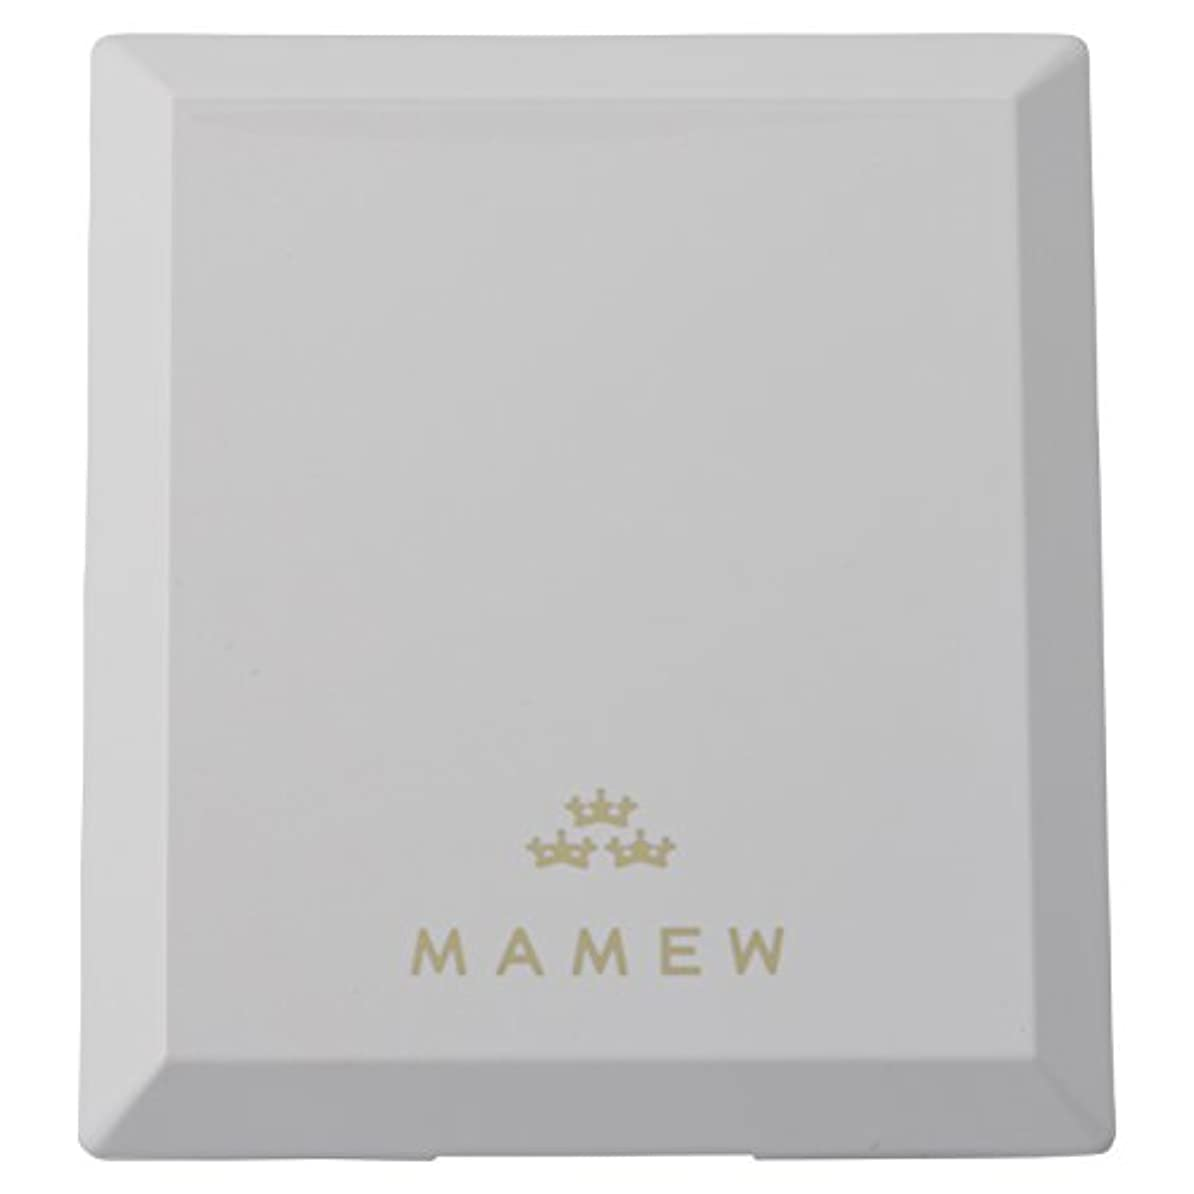 浸透するハンサム毛皮MAMEW(マミュ) カラーコレクションケース-メイクパレッド 鏡付き